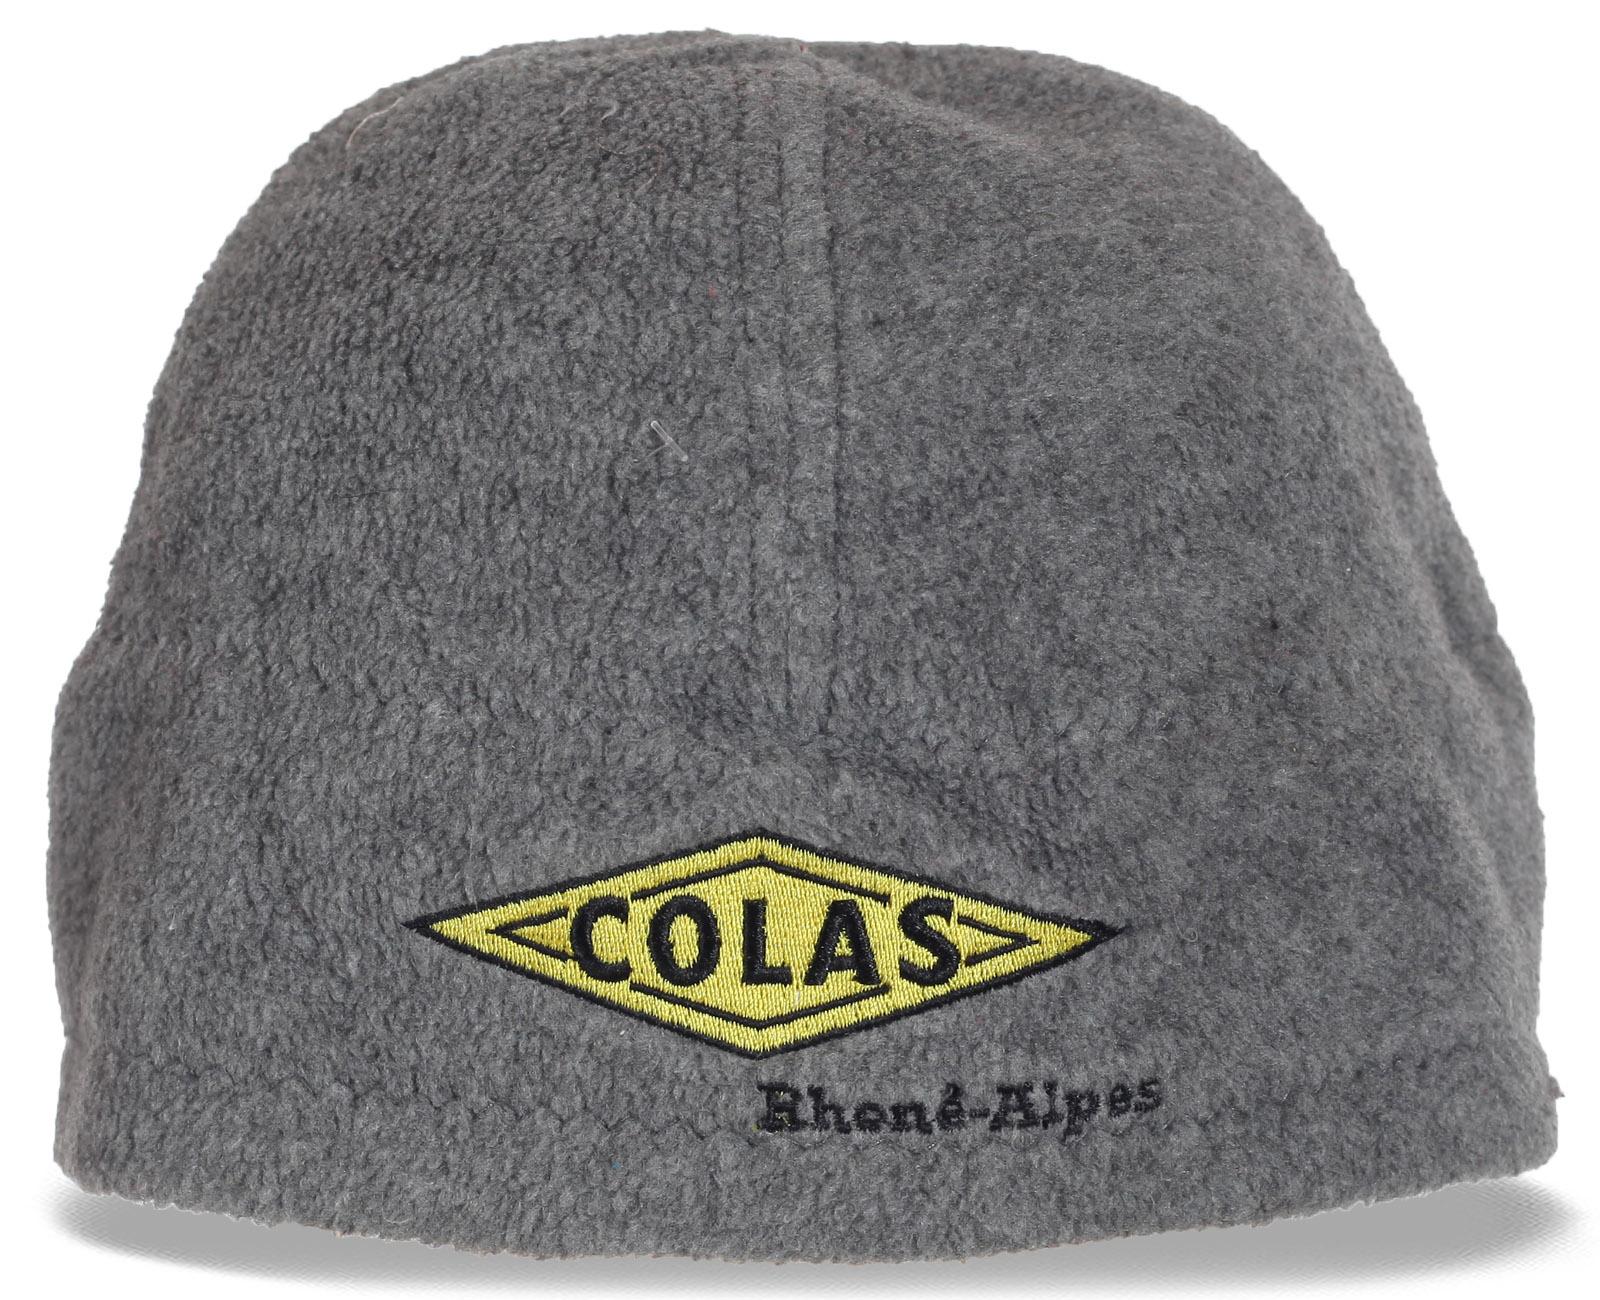 Заказать зимнюю мужскую шапку Colas с меховой подкладкой по специальной цене